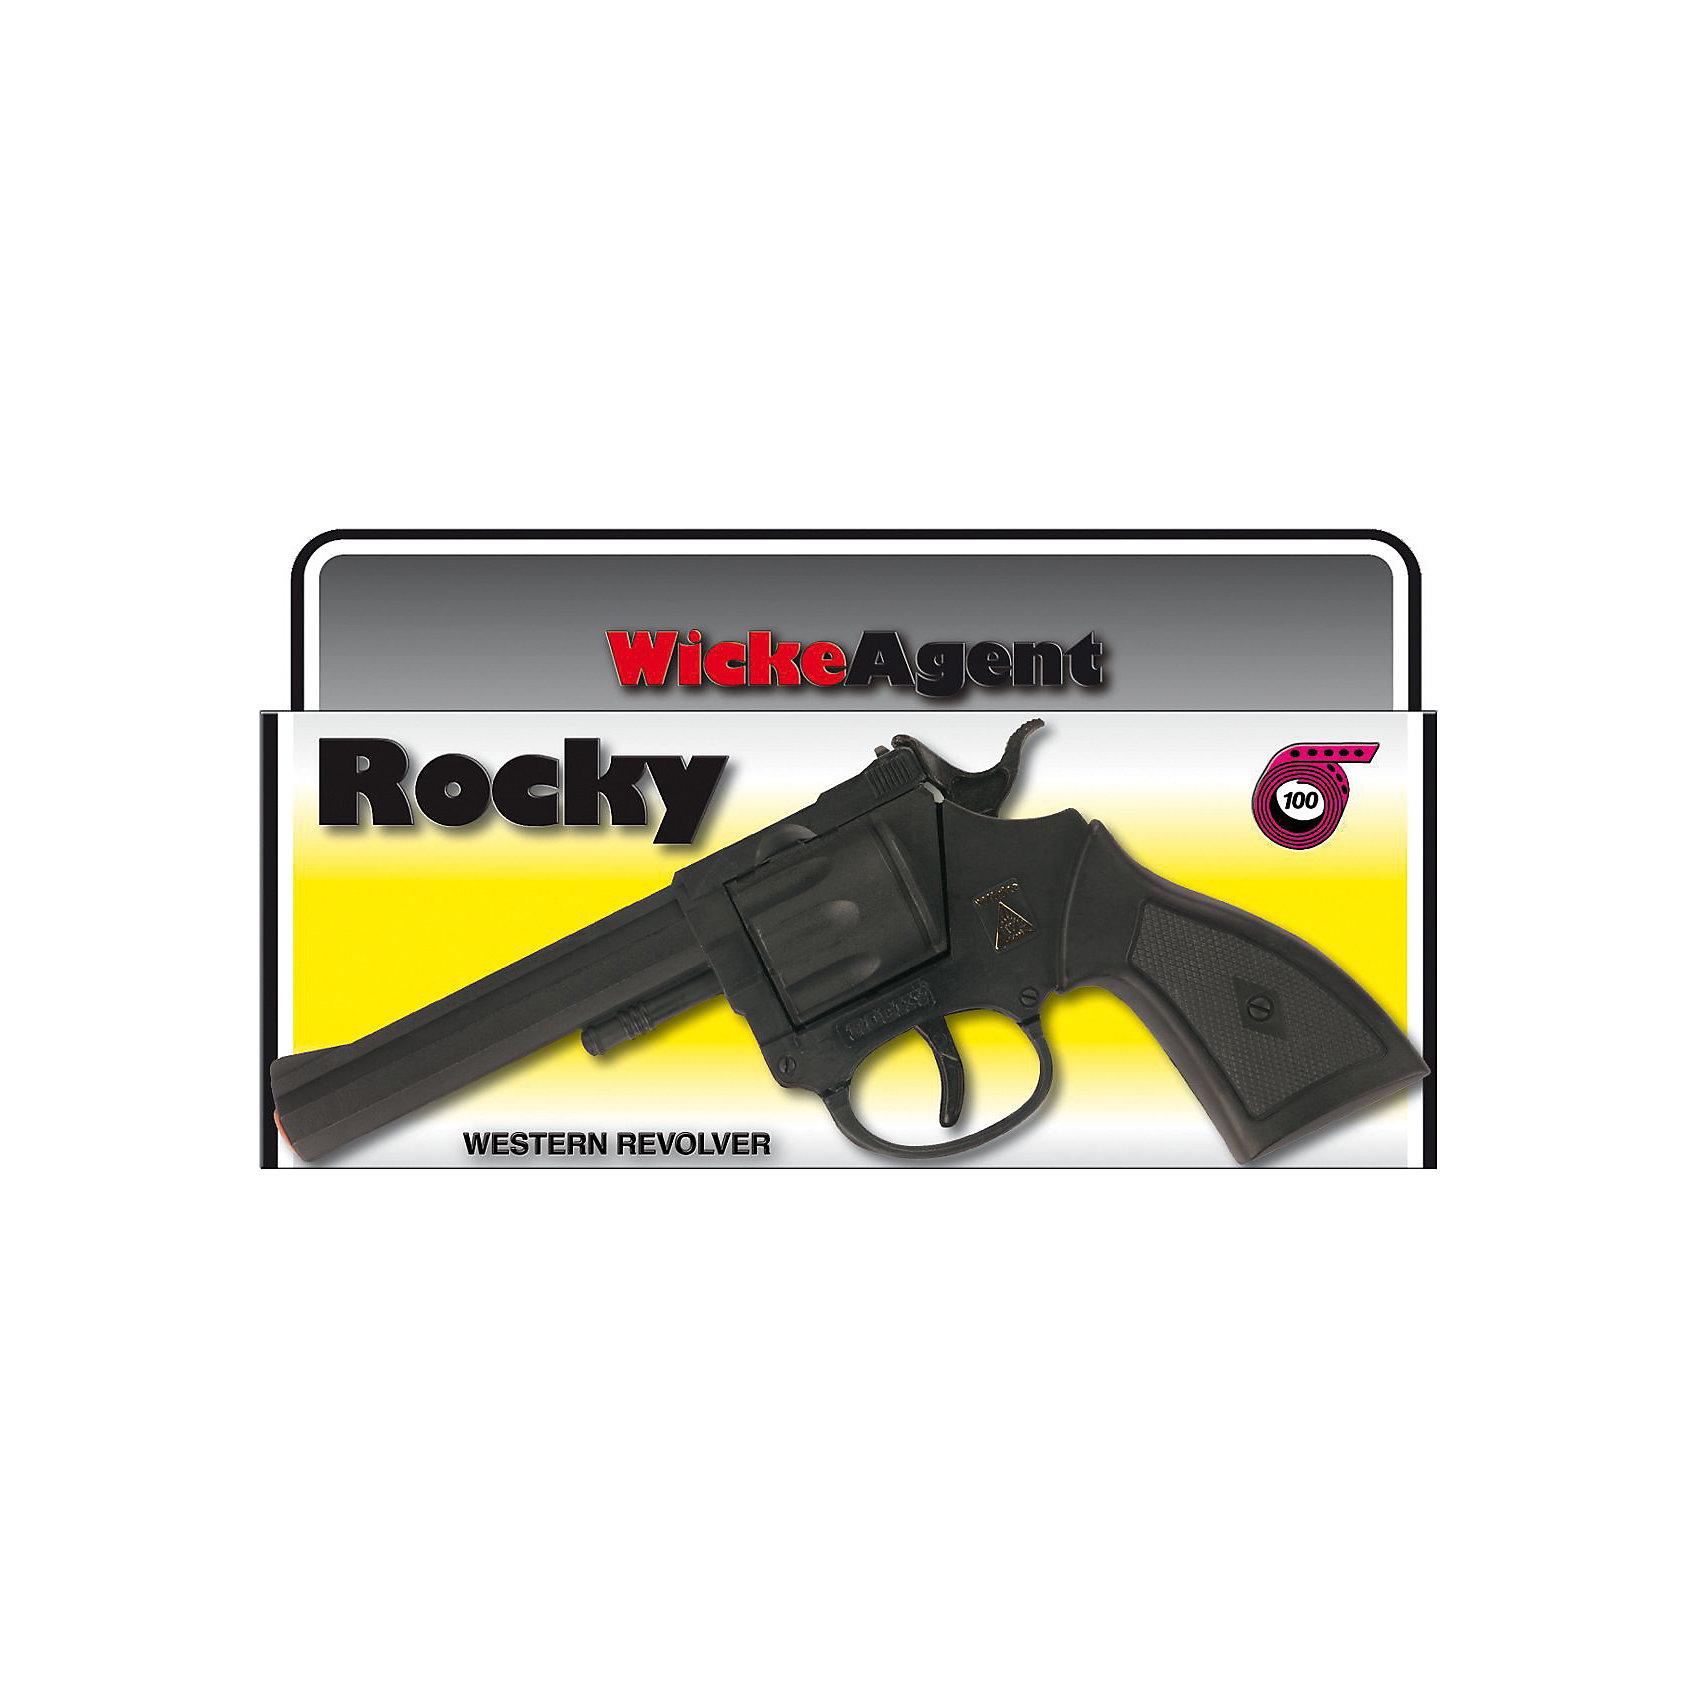 - Пистолет Rocky, 100-зарядный,  Sohni-Wicke купить б у сони плейстейшен 2 с экраном